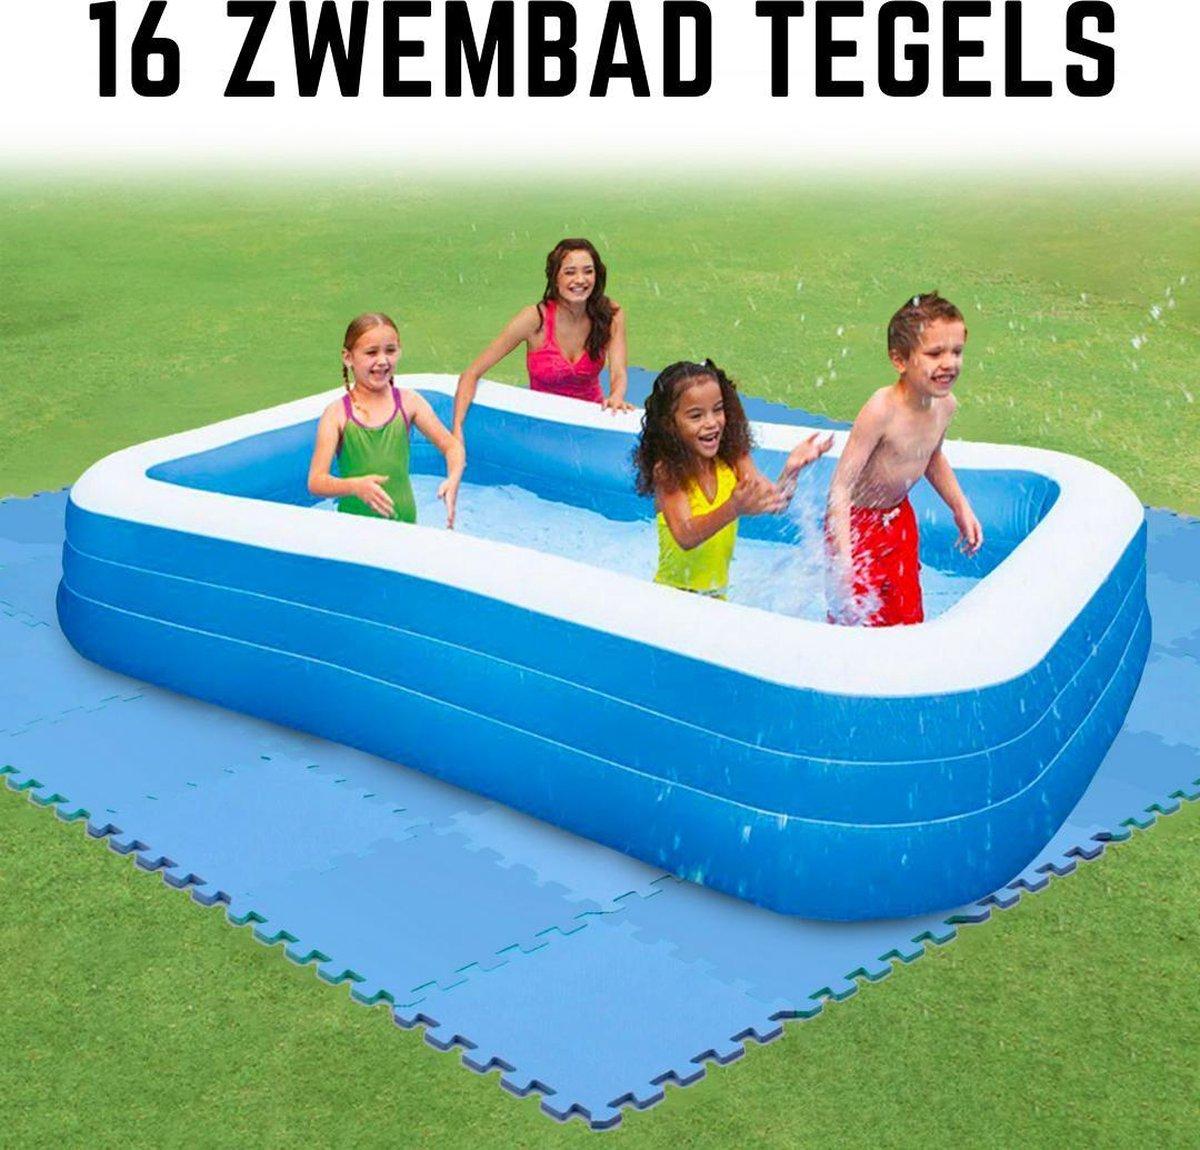 Zwembad Tegels - Zwembad Ondervloer - Zwembad Ondertegels - Foam Tegels - 16 Stuks - 30 * 30 cm